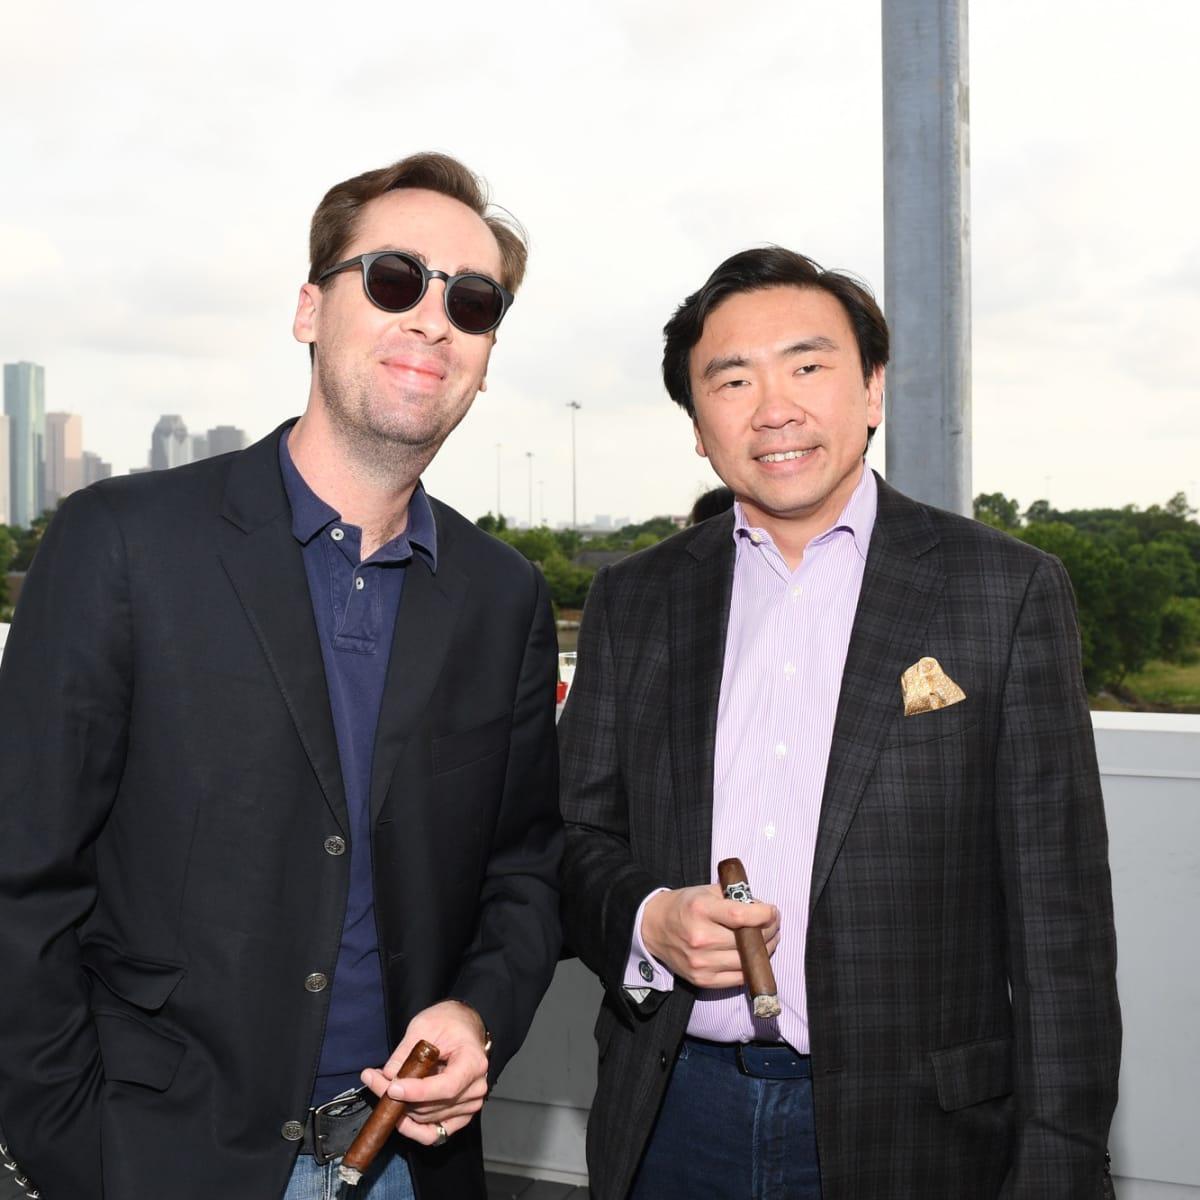 JW Wintersteen, John Nghiem at Barbara Bush Foundation gala kickoff